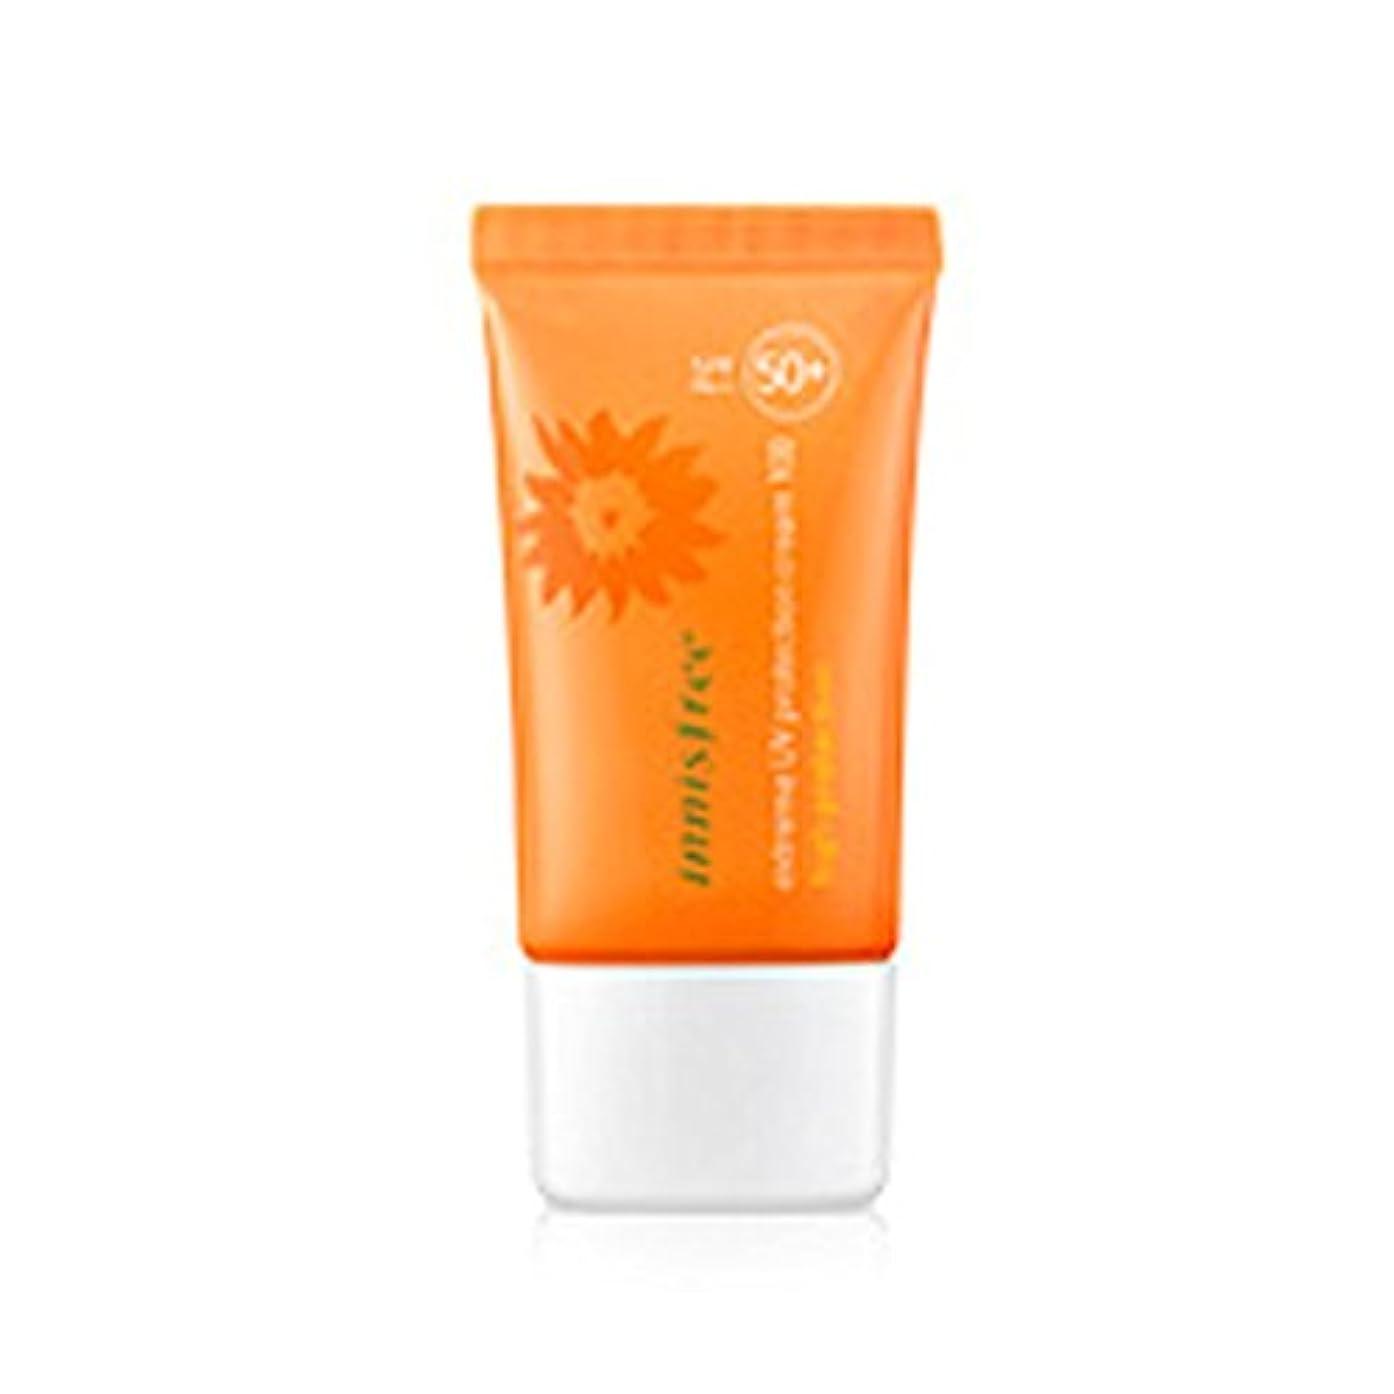 協同牛肉出発するイニスフリーエクストリームUVプロテクションクリーム100ハイプロテクション50ml   SPF50 + PA +++ Innisfree Extreme UV Protection Cream100 High Protection...